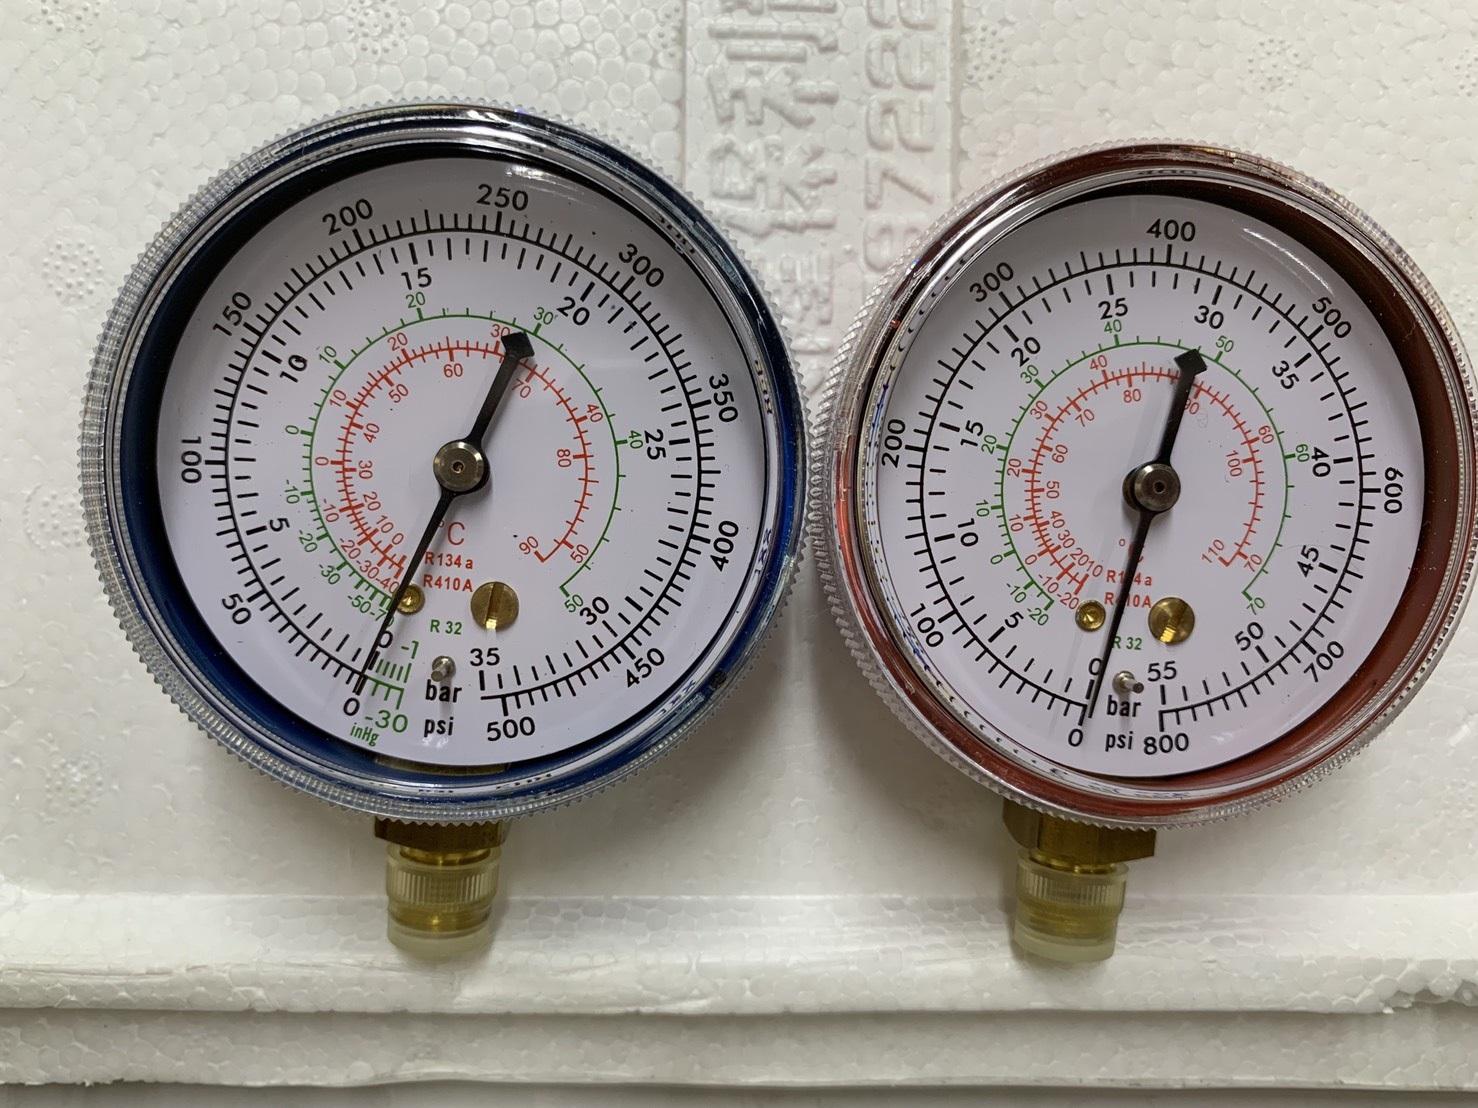 Compound Gauge & Pressure Gauge